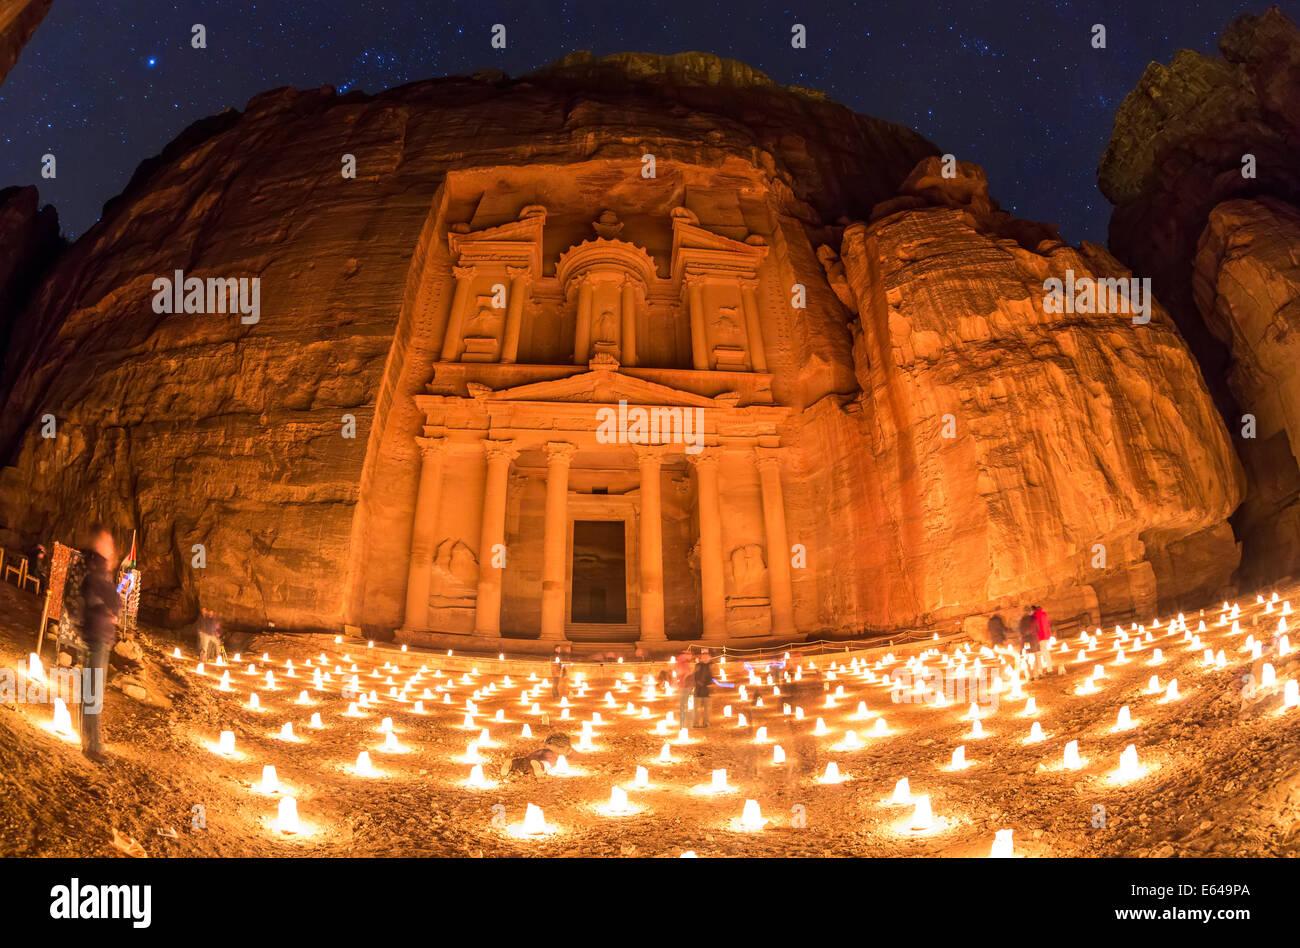 Le Conseil du Trésor, (El khazneh), dans la nuit éclairée par des bougies, Petra, Jordanie Photo Stock